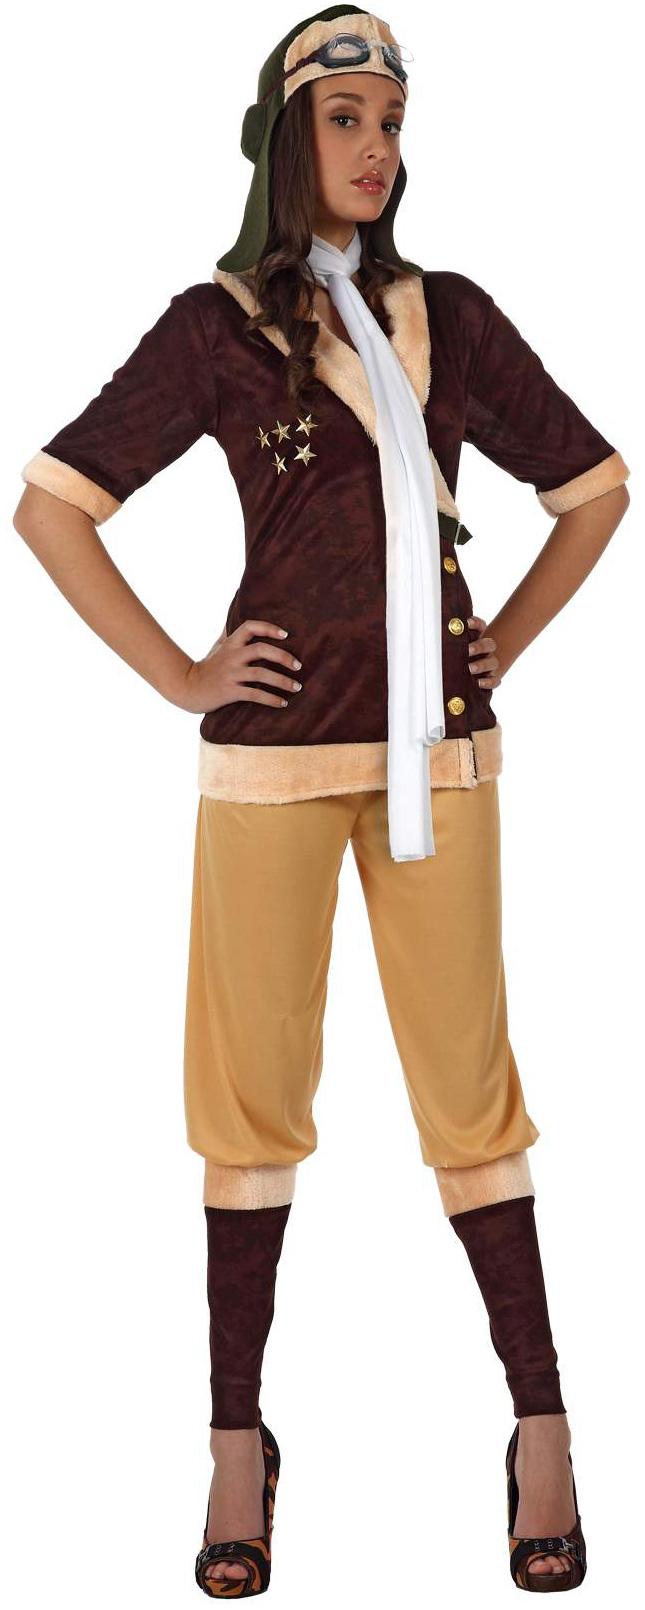 d guisement aviatrice femme pilote de ligne pas cher soir e uniforme. Black Bedroom Furniture Sets. Home Design Ideas